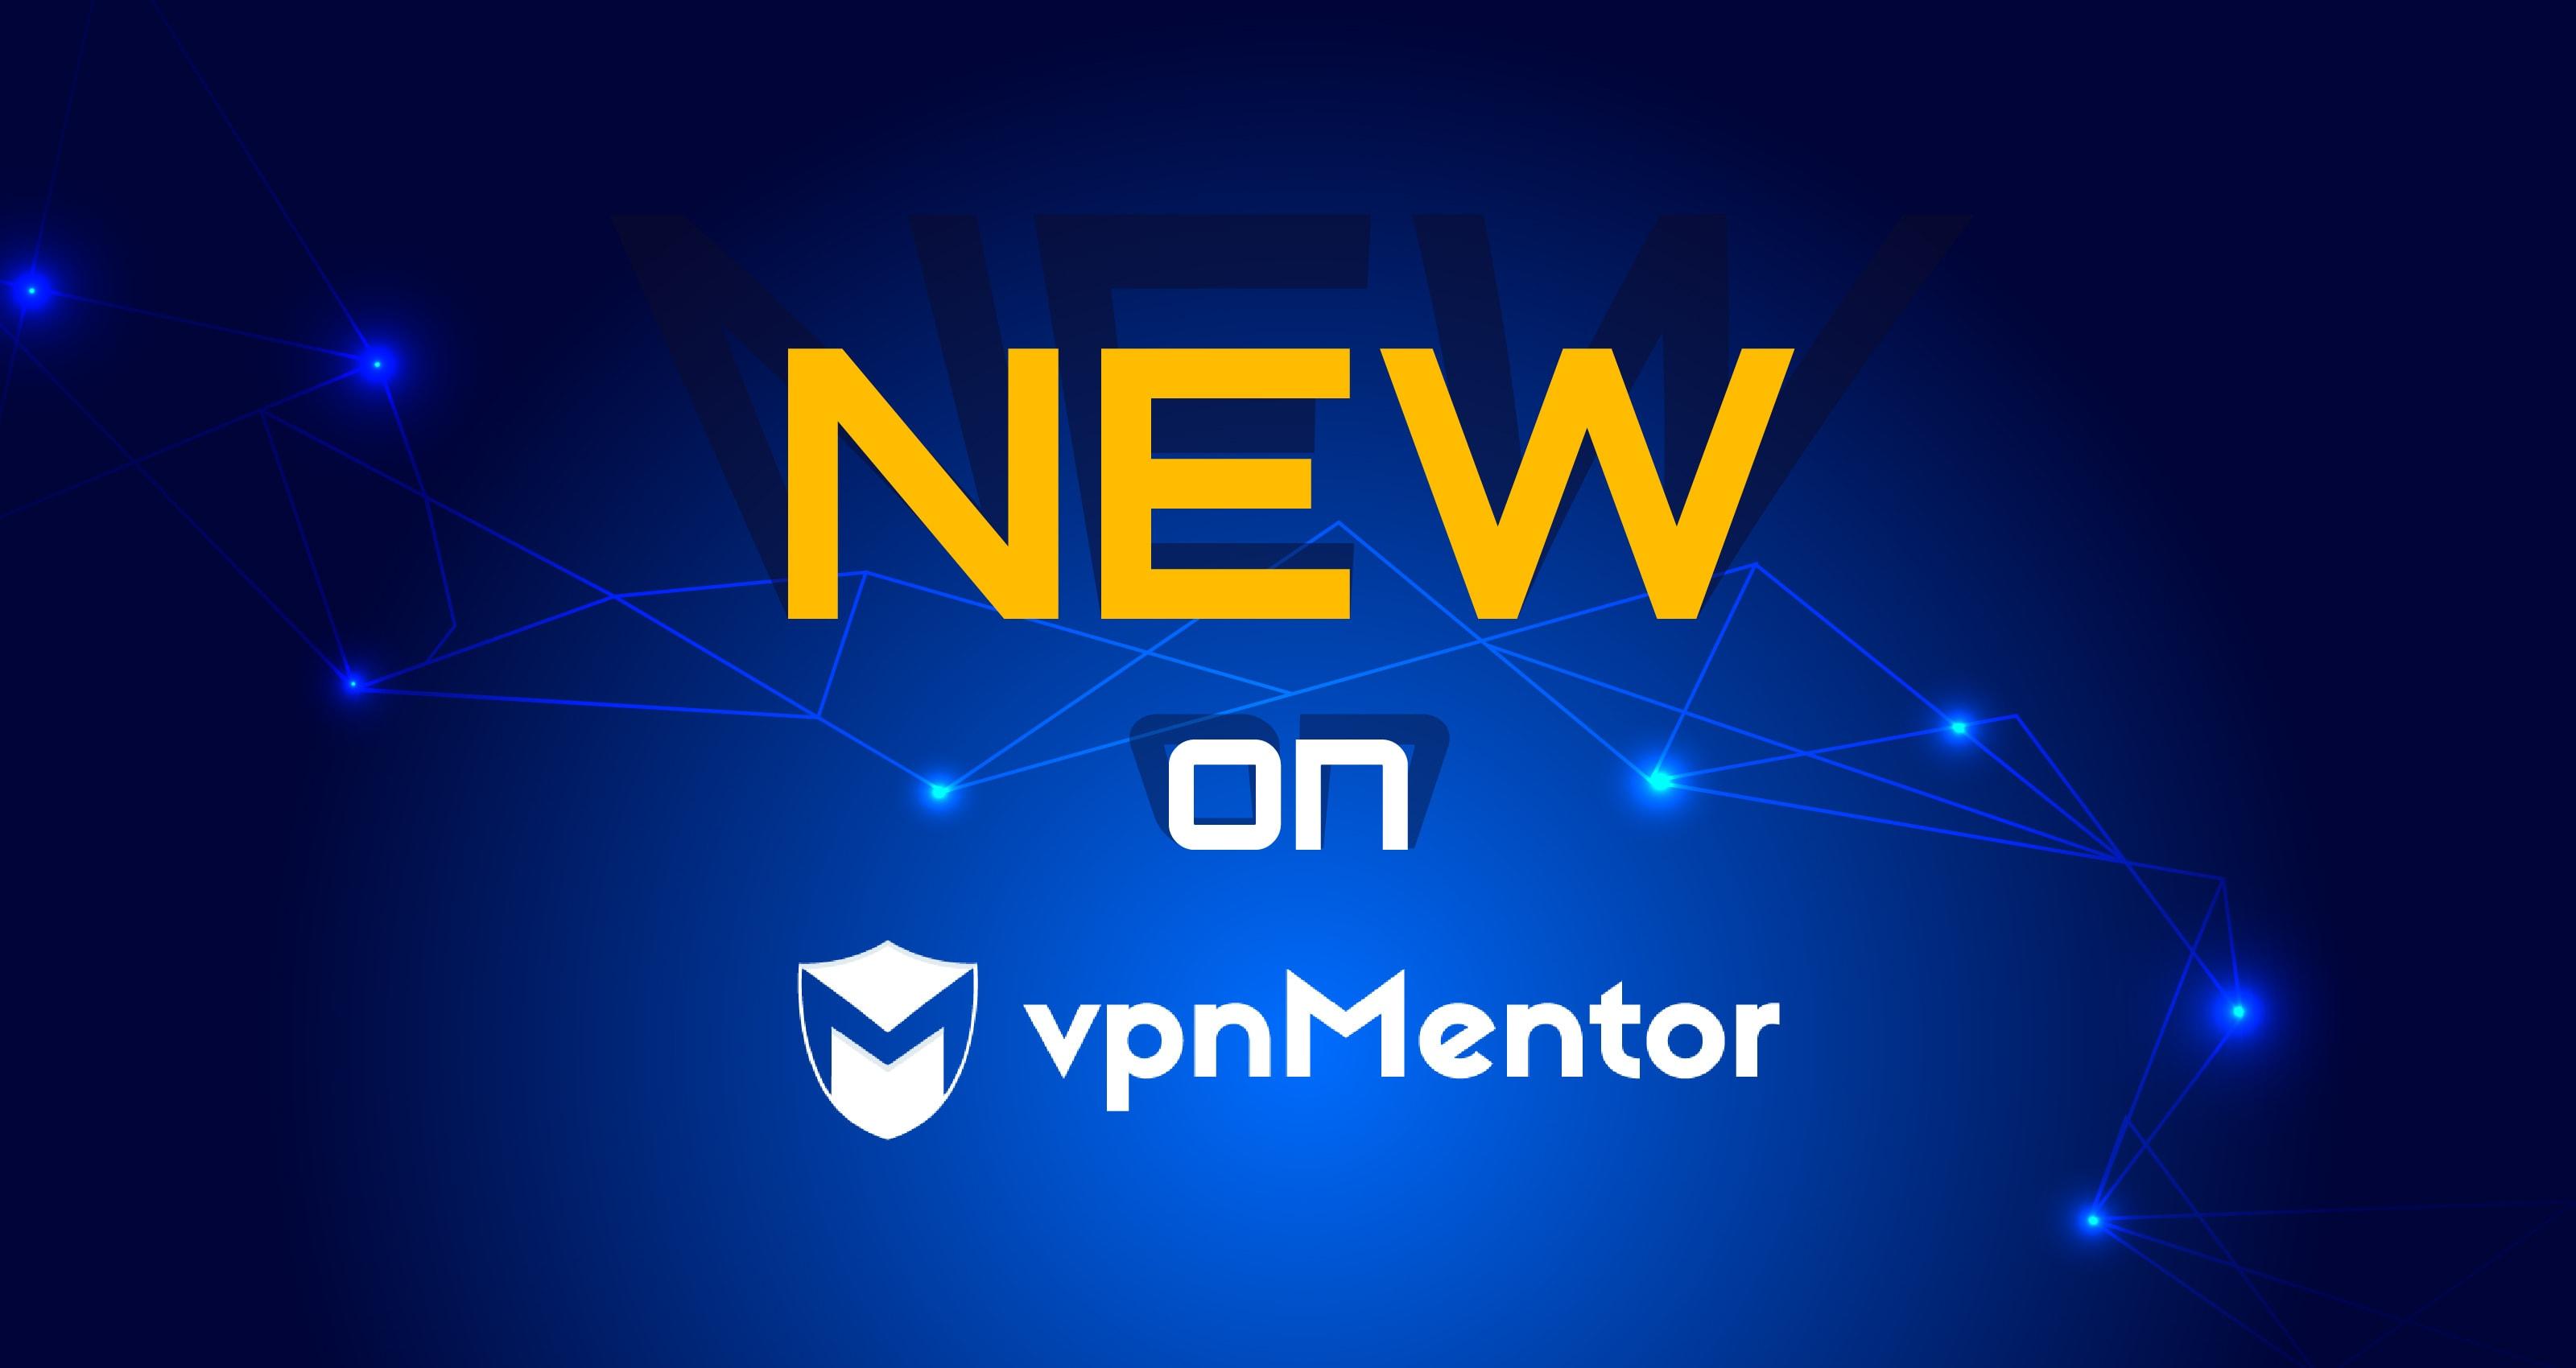 New on vpnMentor